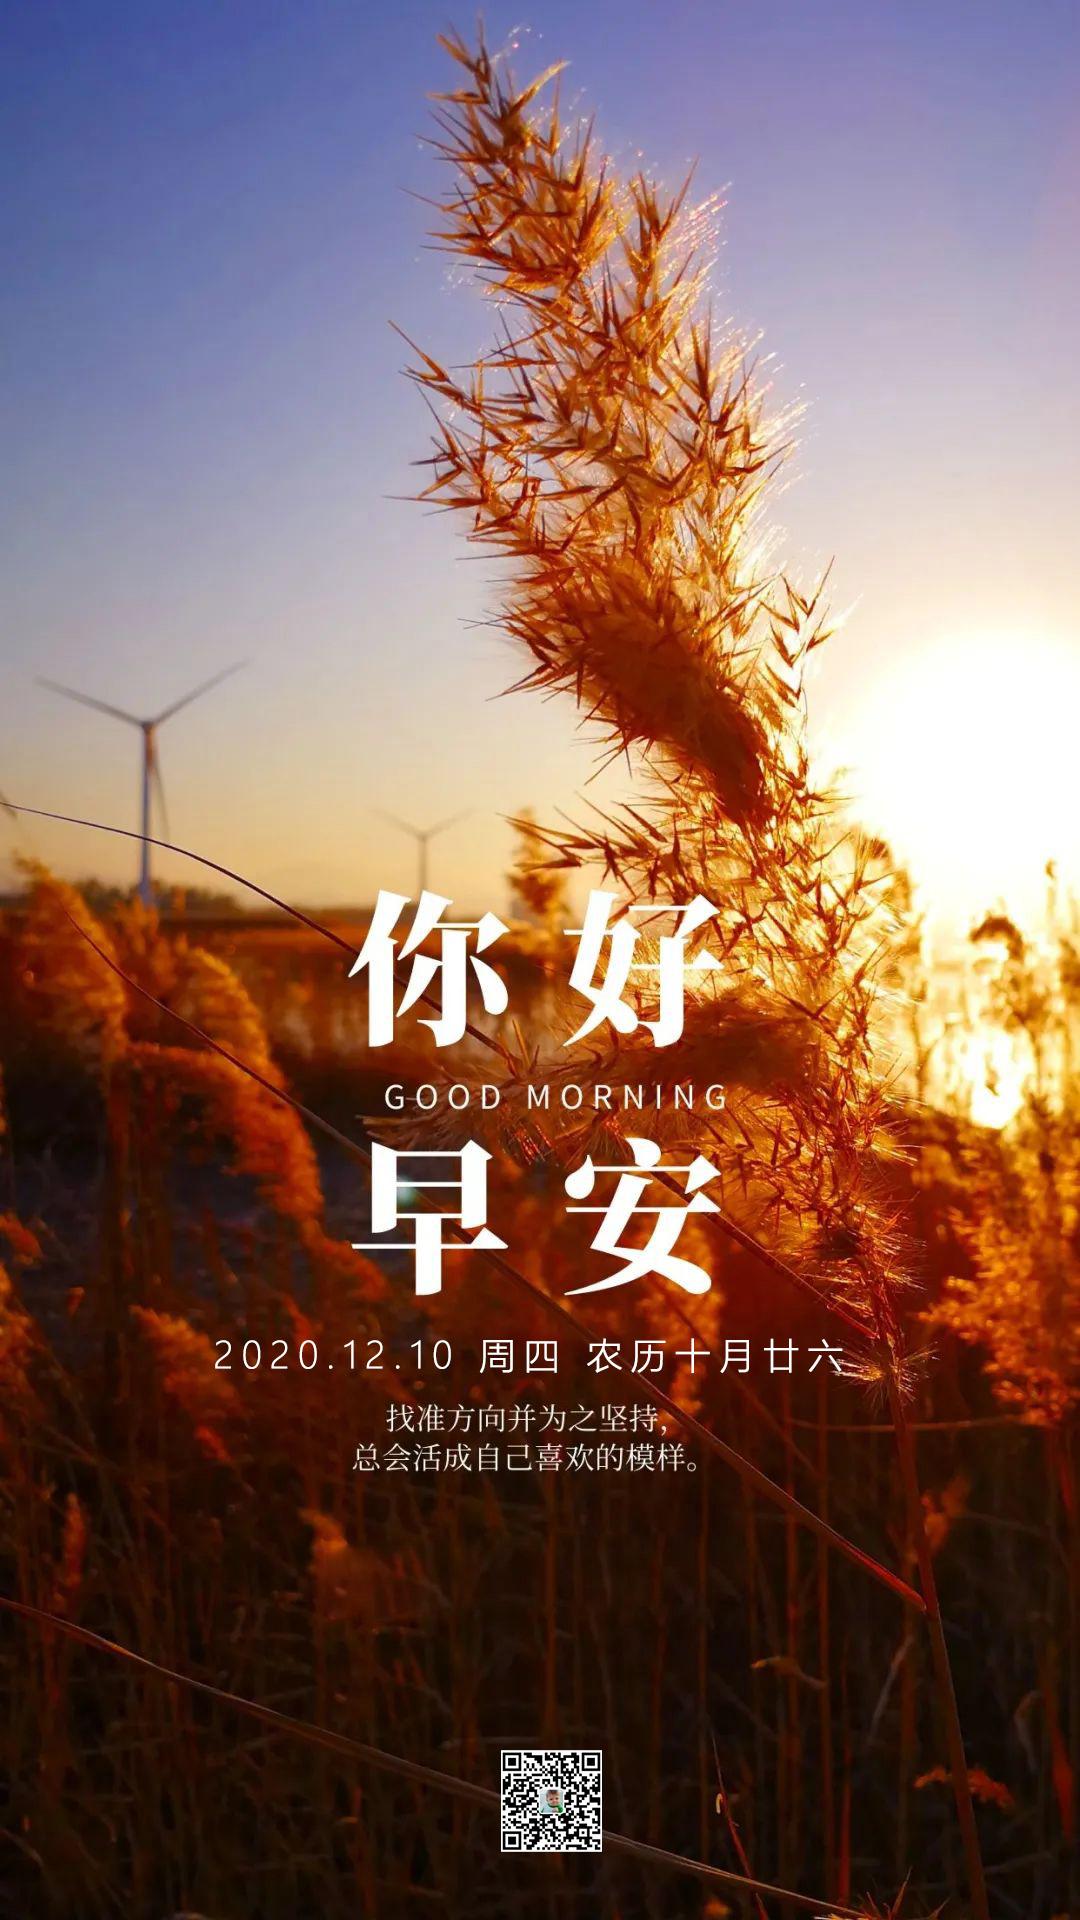 适合早上发朋友圈正能量图片,12月10微信早安日签带激励语